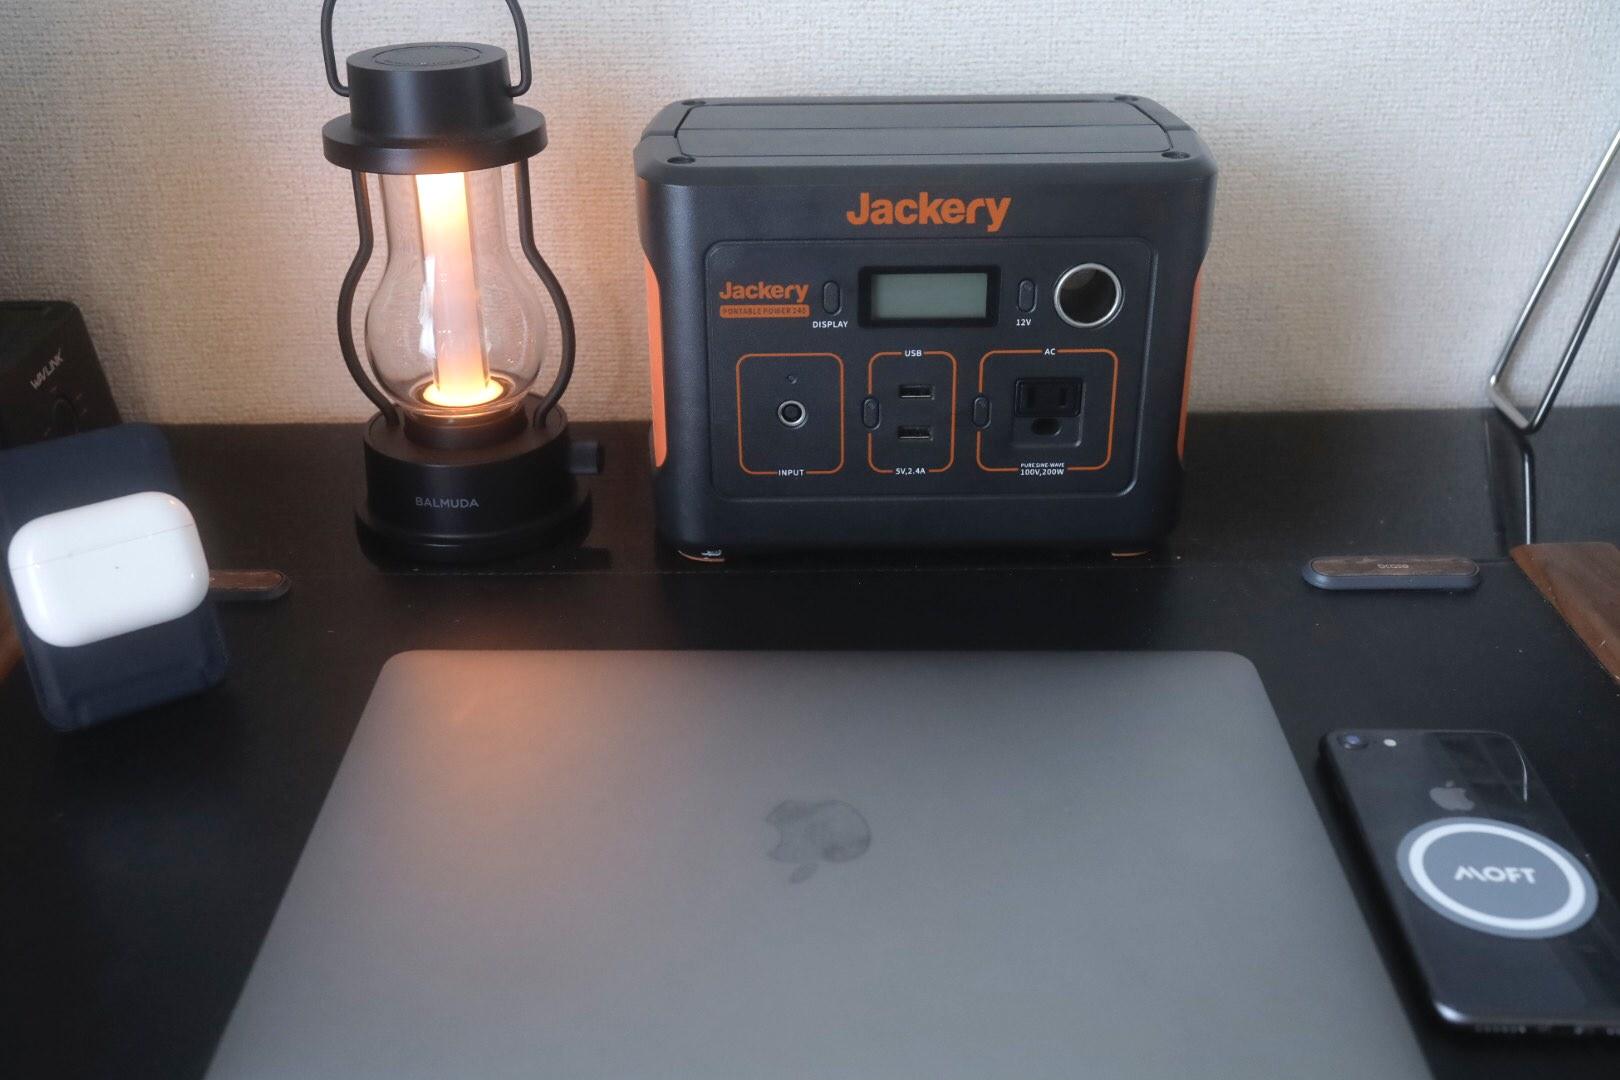 デスクでJackaryを使っている様子